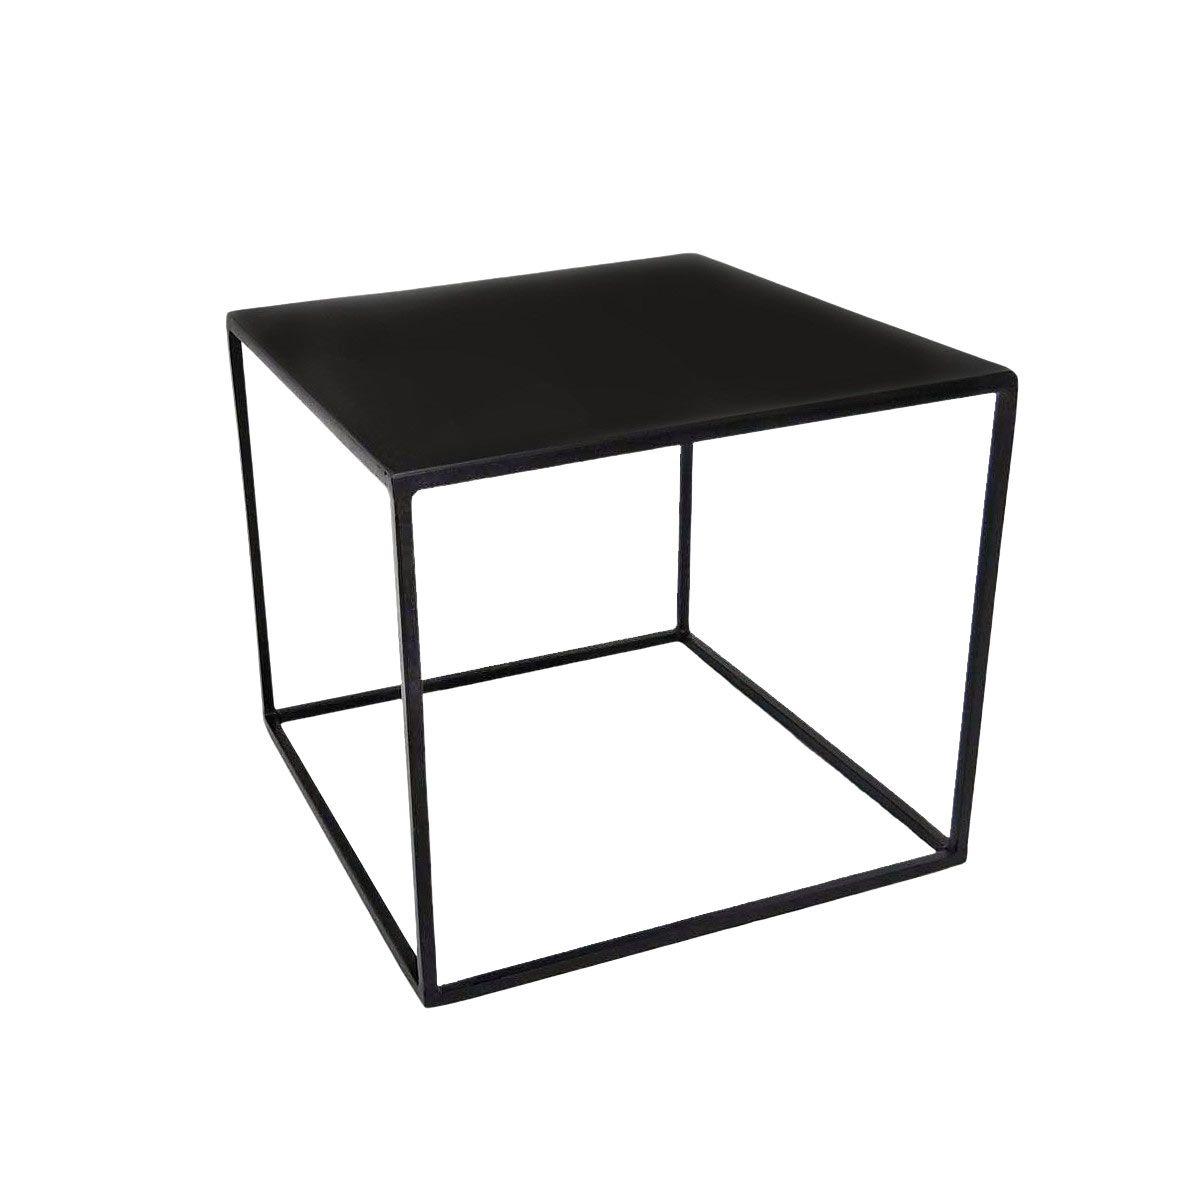 Bout de canapé carrée en métal noir